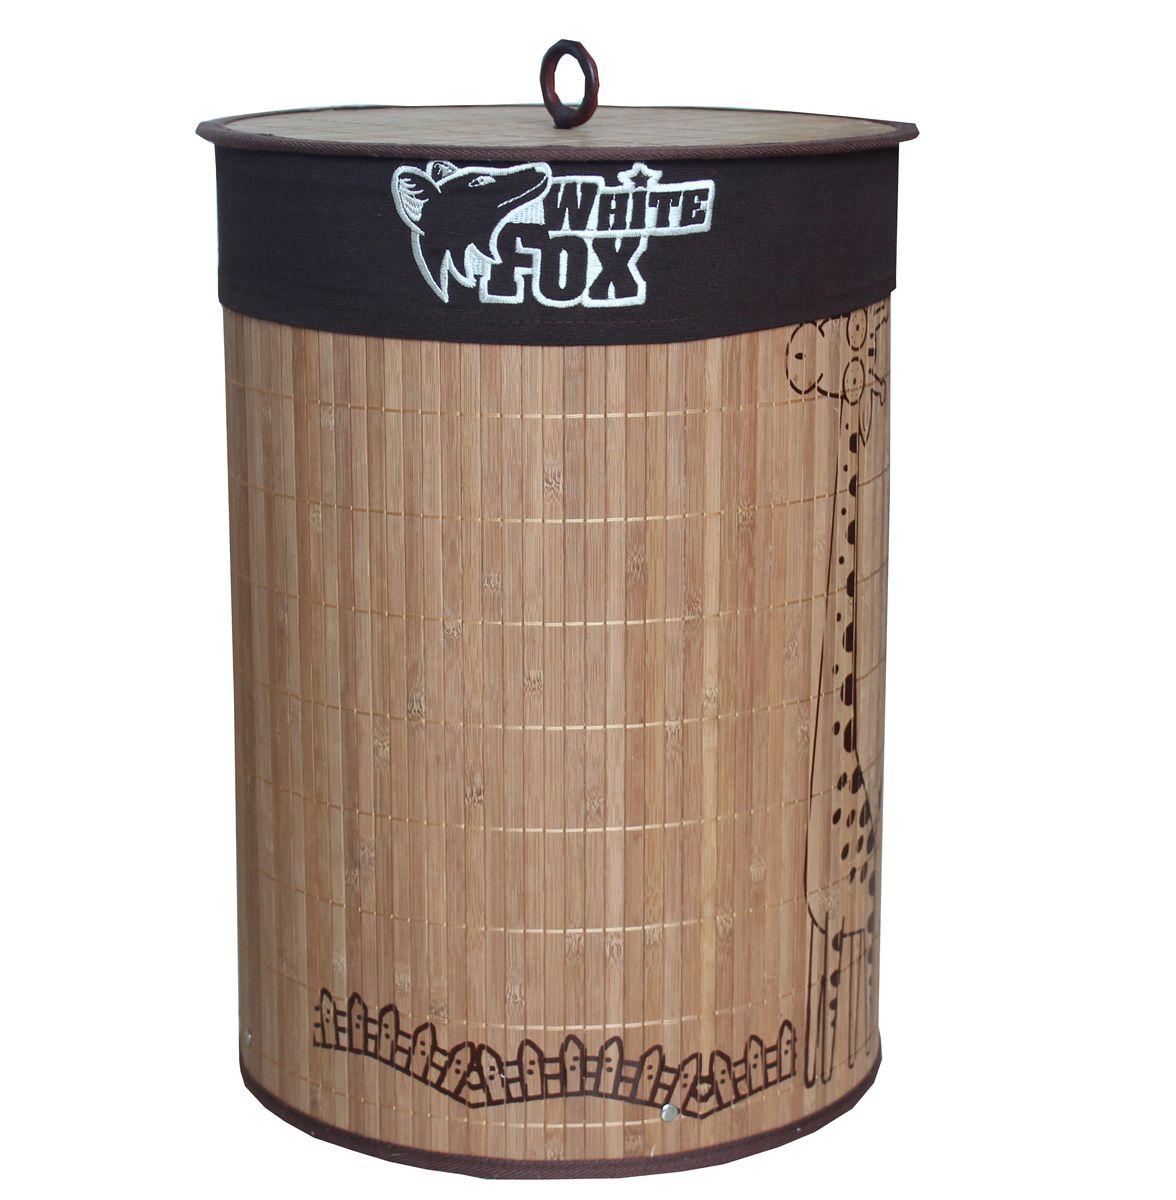 Корзина для белья White Fox Bamboo Beauty, круглаяWBLA10-216Корзина White Fox Bamboo Beauty предназначена для организации и хранения белья. Съемный чехол можно стирать в стиральной машине при деликатной стирке. Удобные ручки помогут перемещать корзину в любое удобное место. Состав: бамбук и текстиль